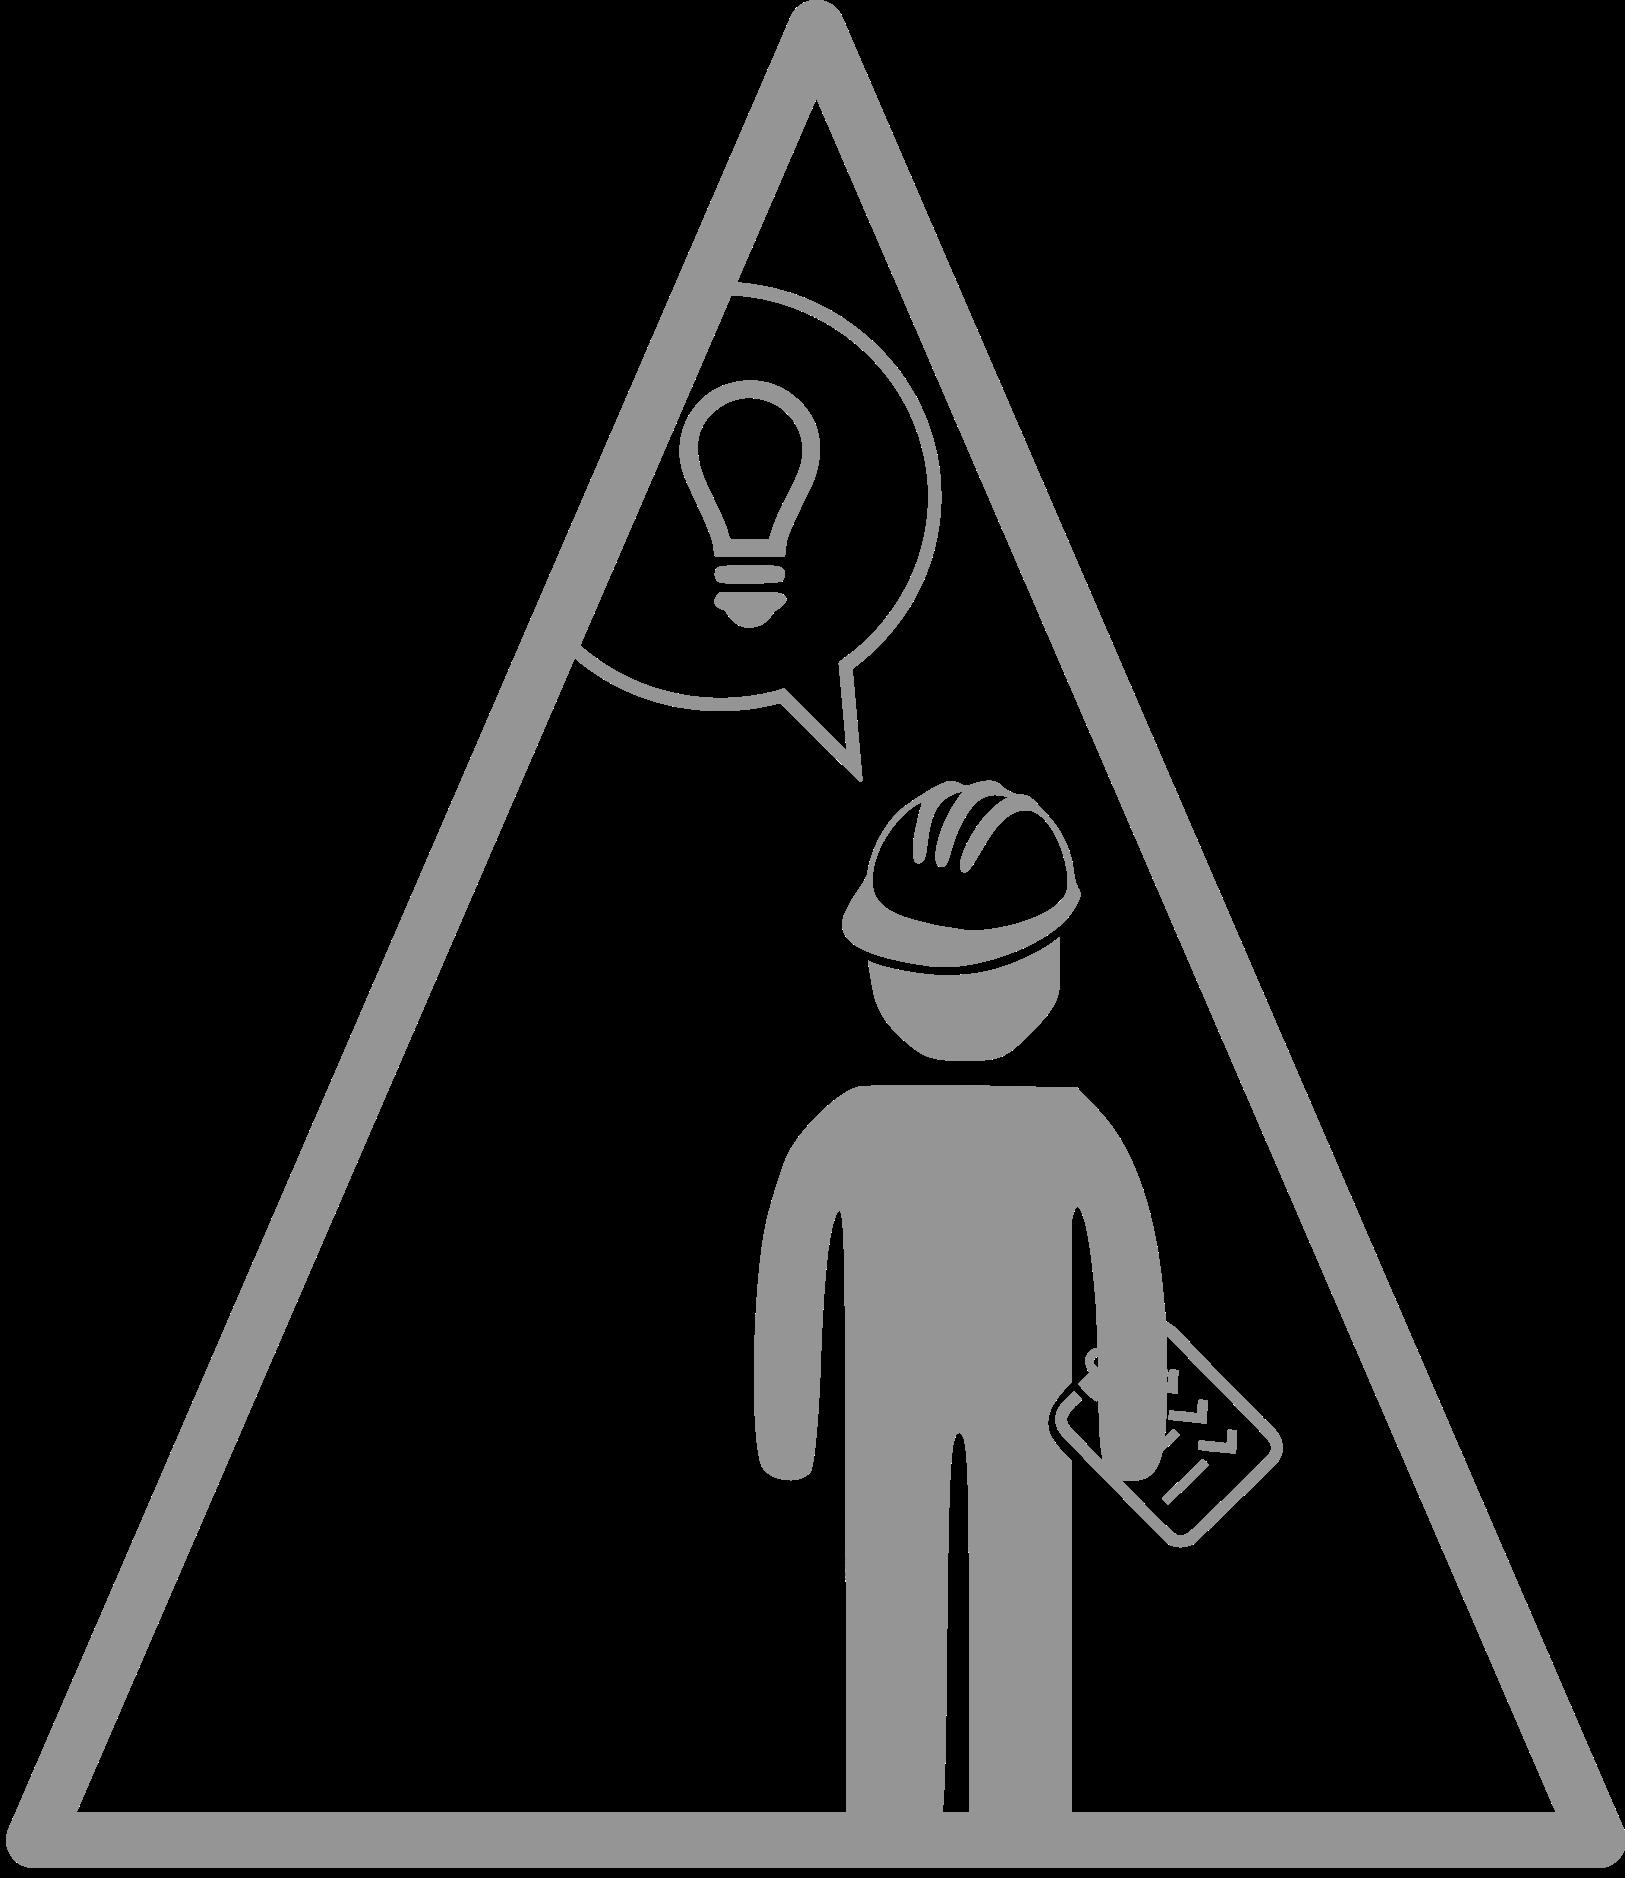 Bureau d'études en environnement pour expertises